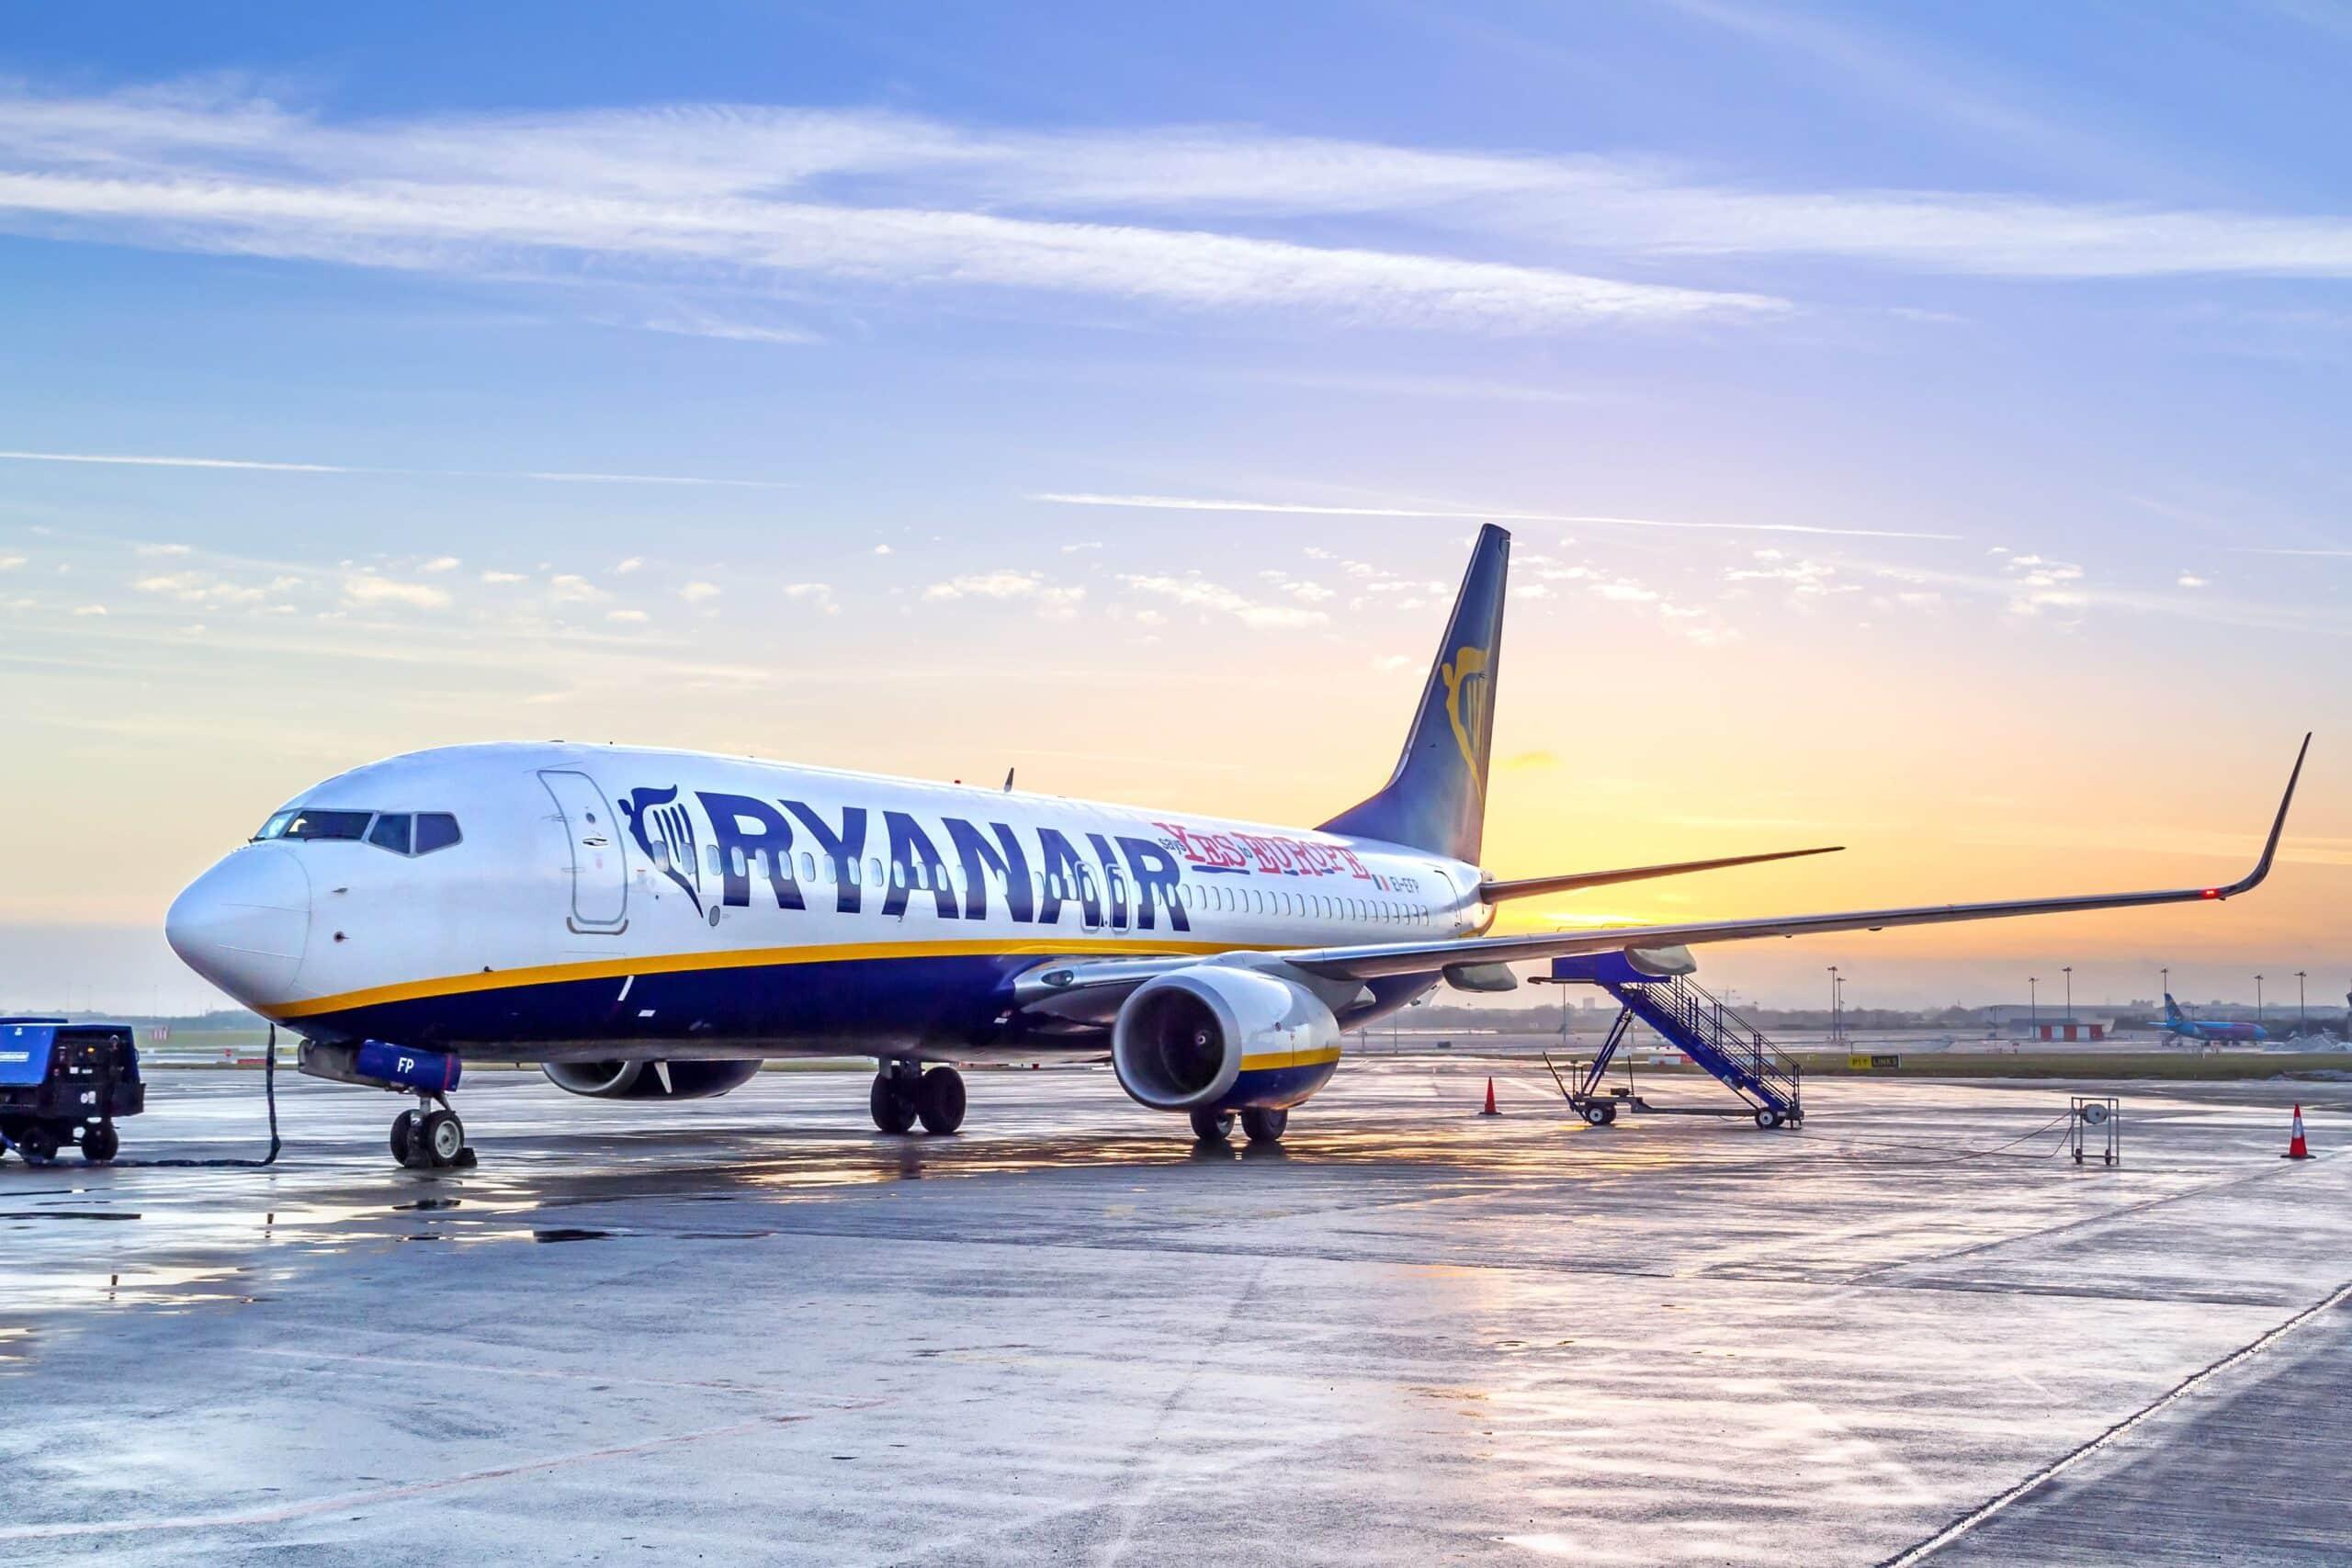 Ryanair cancellerà 600 voli in Europa la prossima settimana